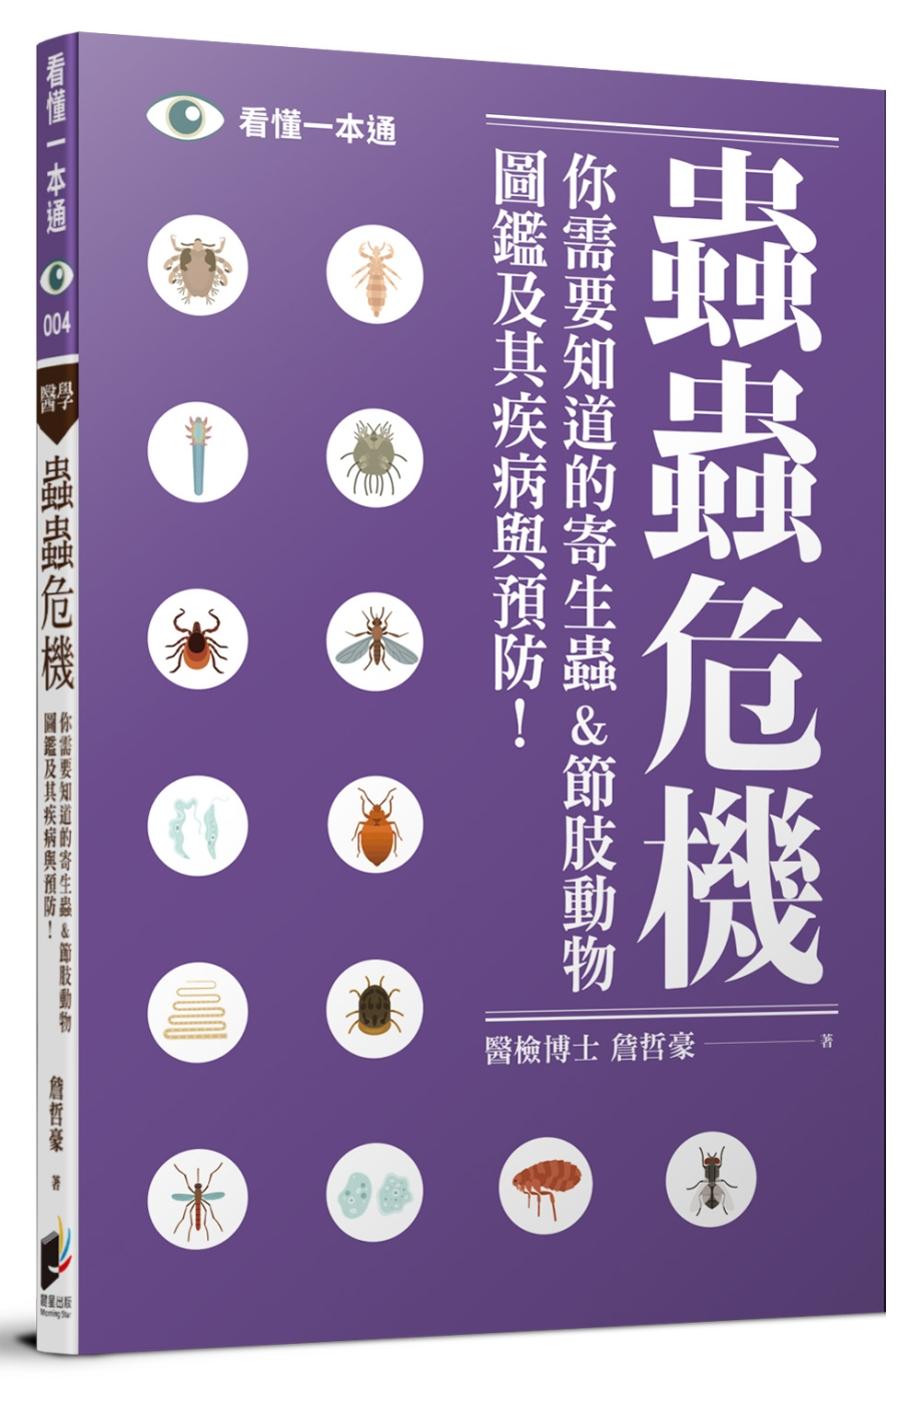 ◤博客來BOOKS◢ 暢銷書榜《推薦》蟲蟲危機:你需要知道的寄生蟲&節肢動物圖鑑及其疾病與預防!